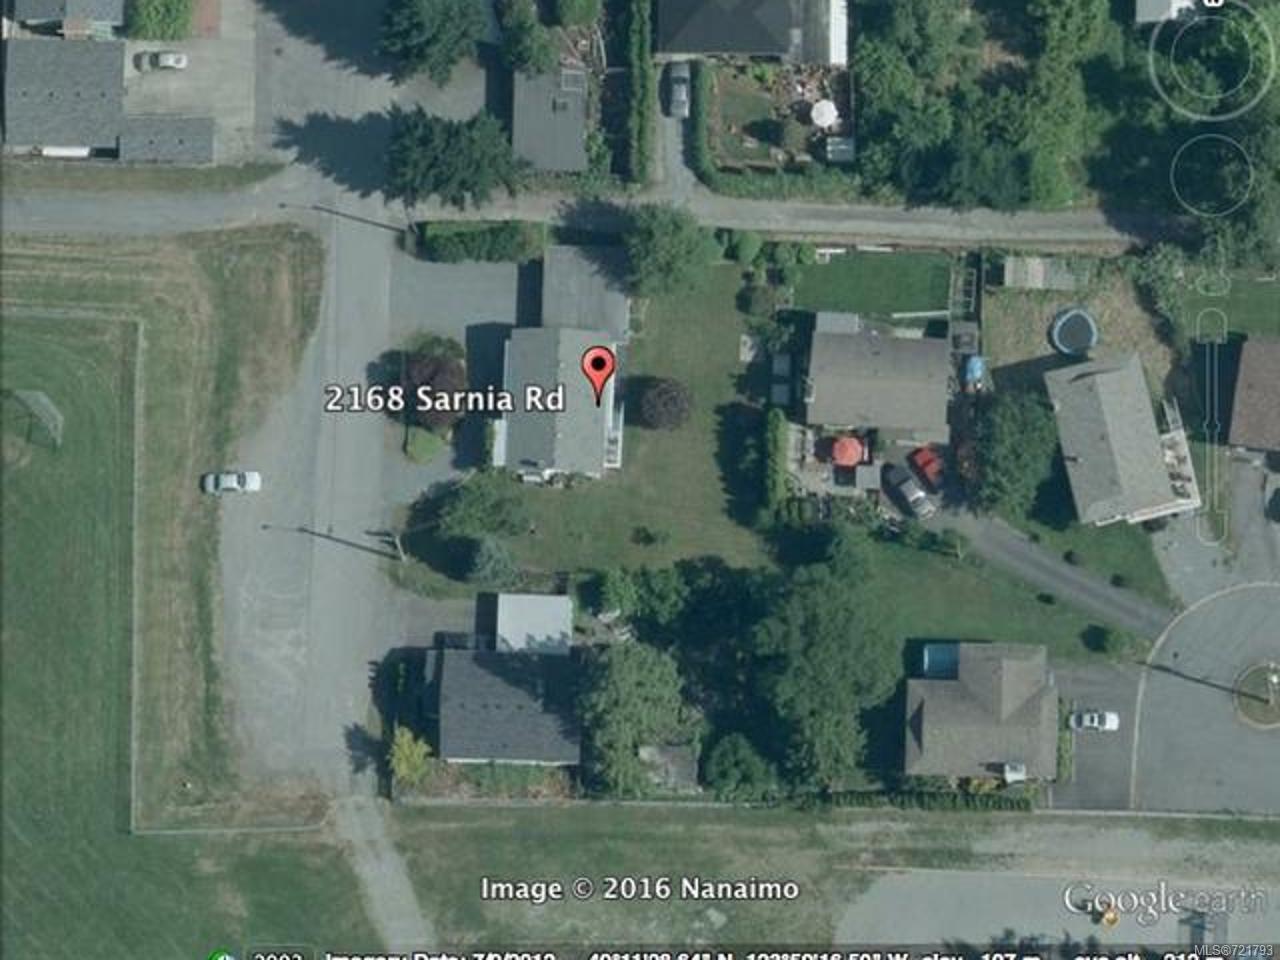 Main Photo: 2168 Sarnia Rd in NANAIMO: Na Central Nanaimo House for sale (Nanaimo)  : MLS®# 721793